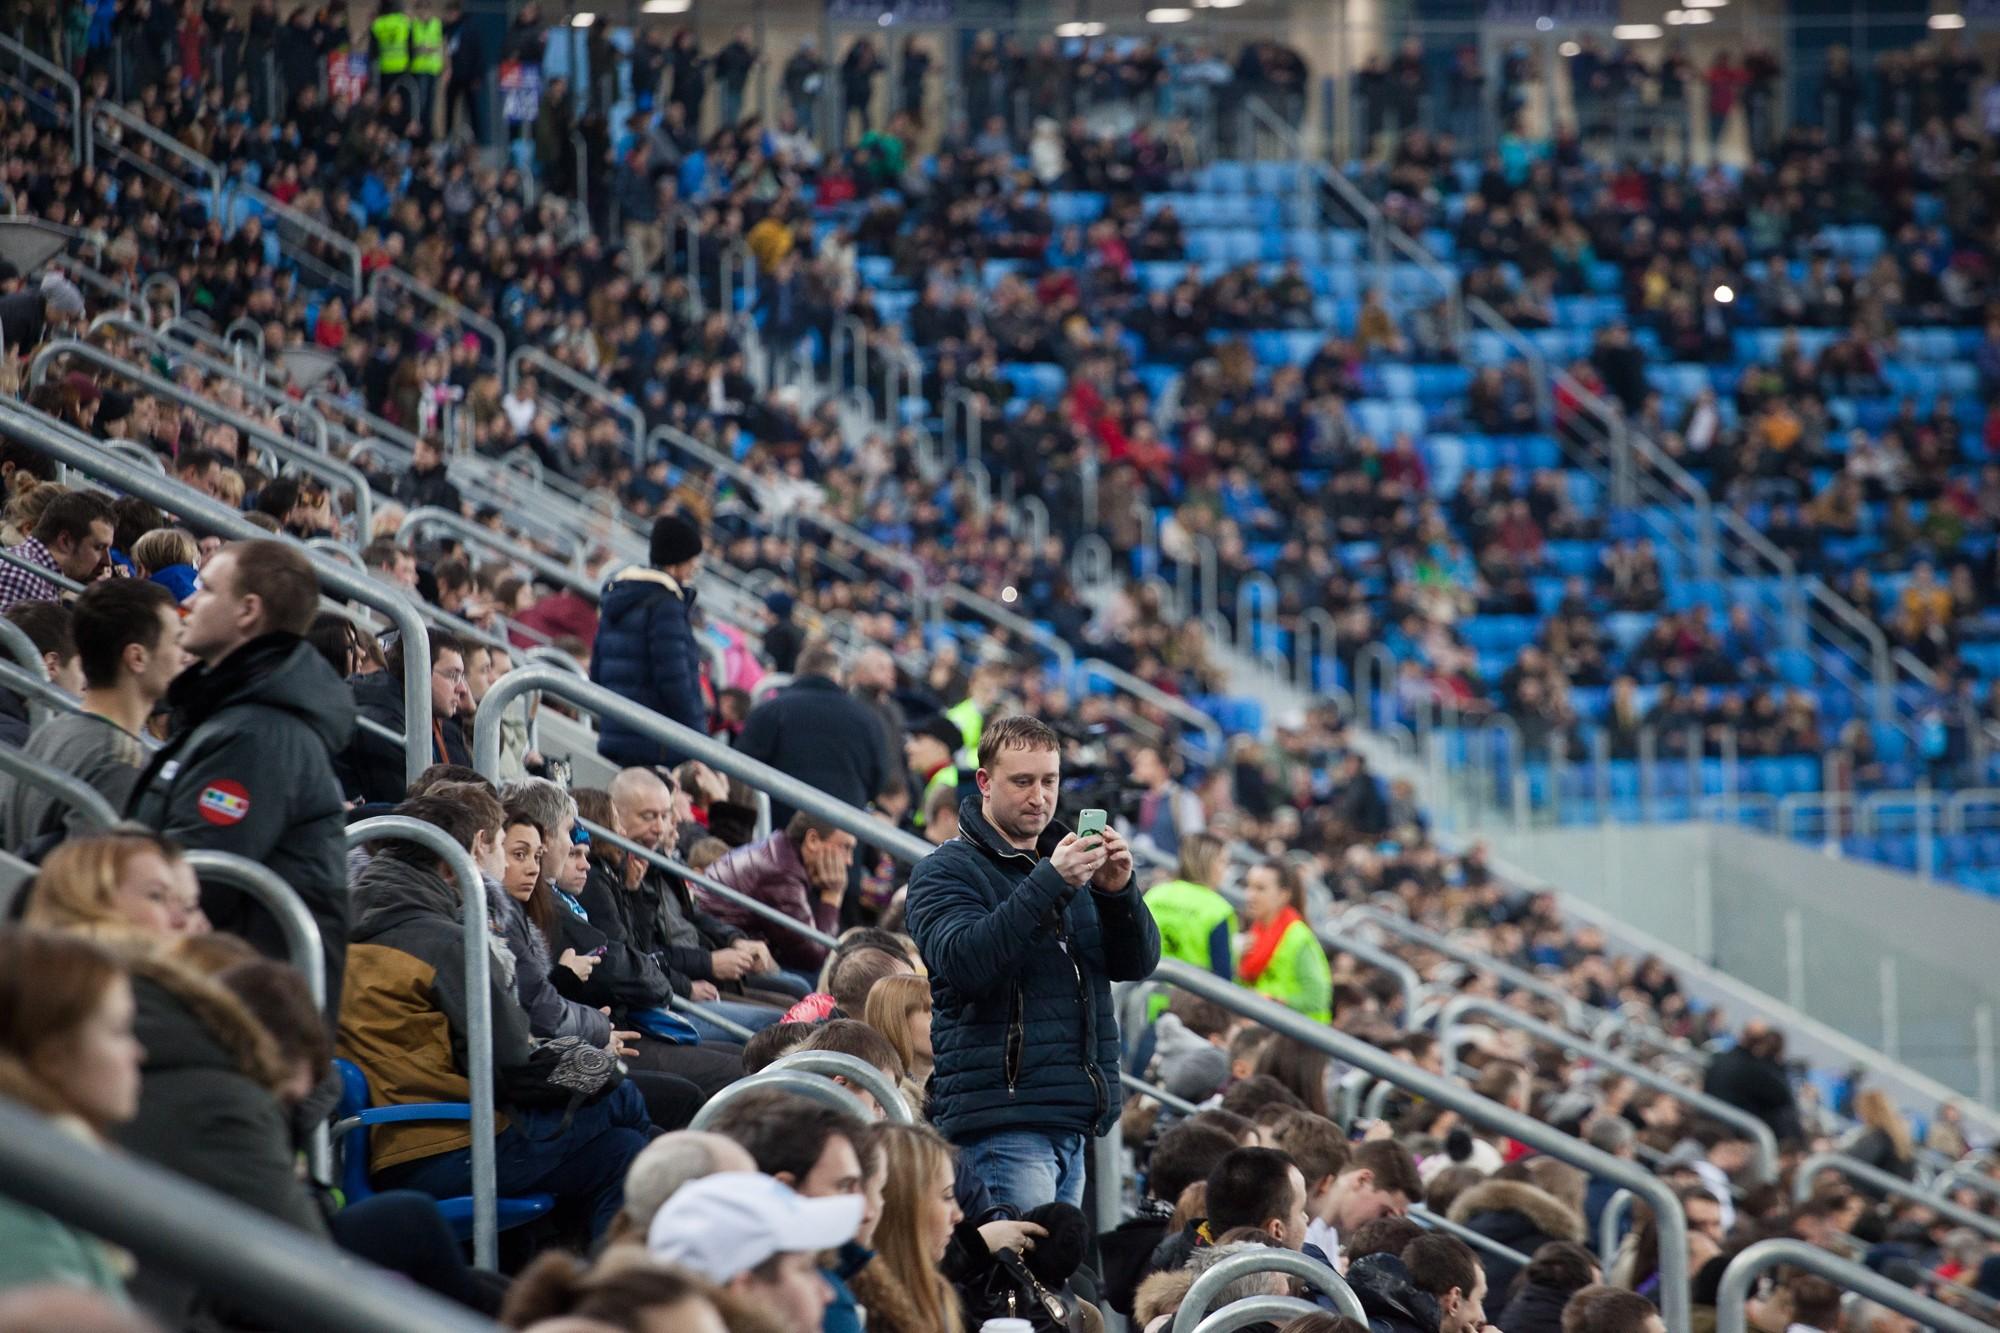 открытие стадиона зенит-арена трибуны